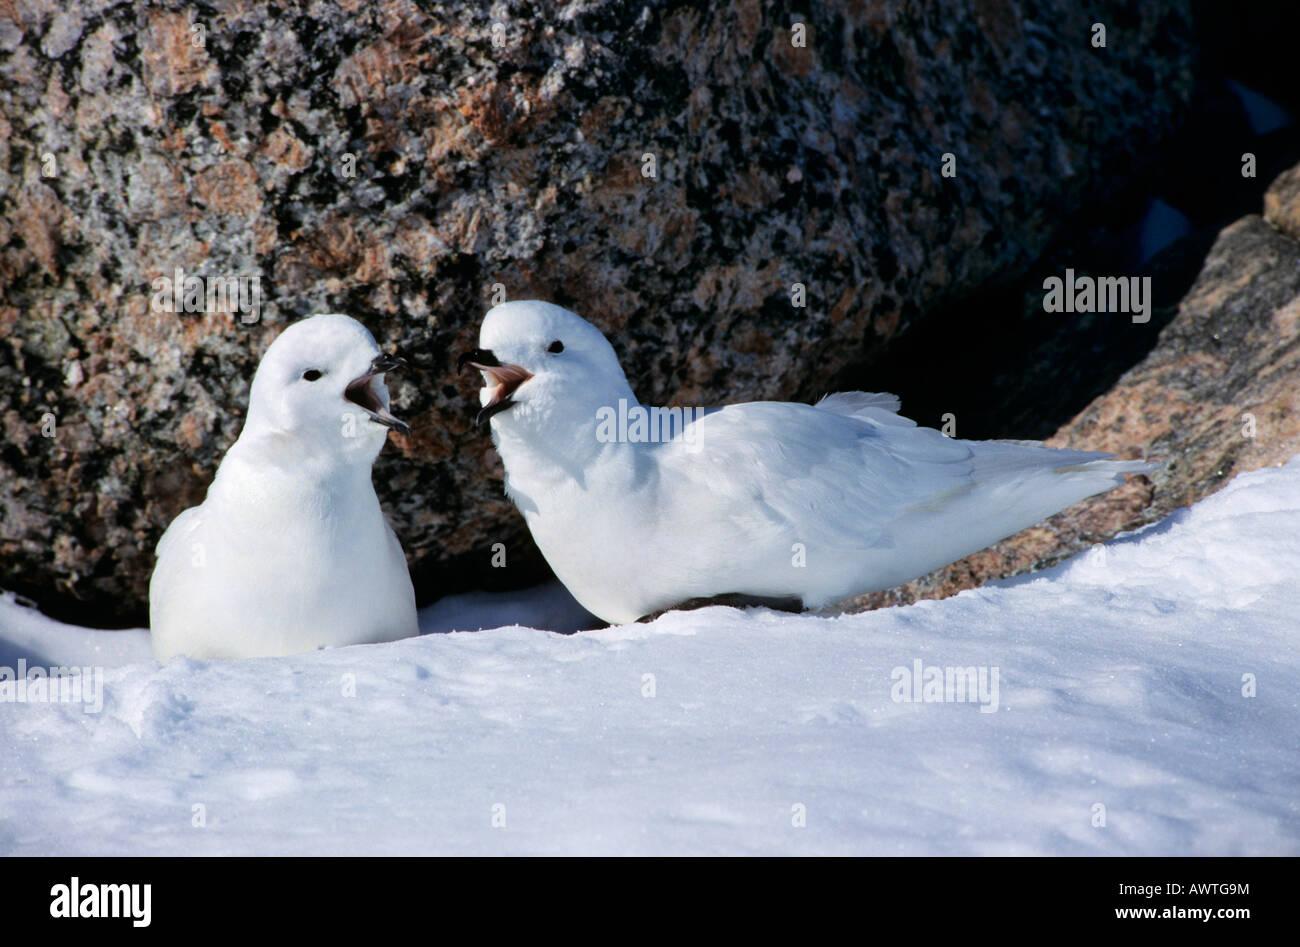 Antarctican Stock Photos & Antarctican Stock Images - Alamy